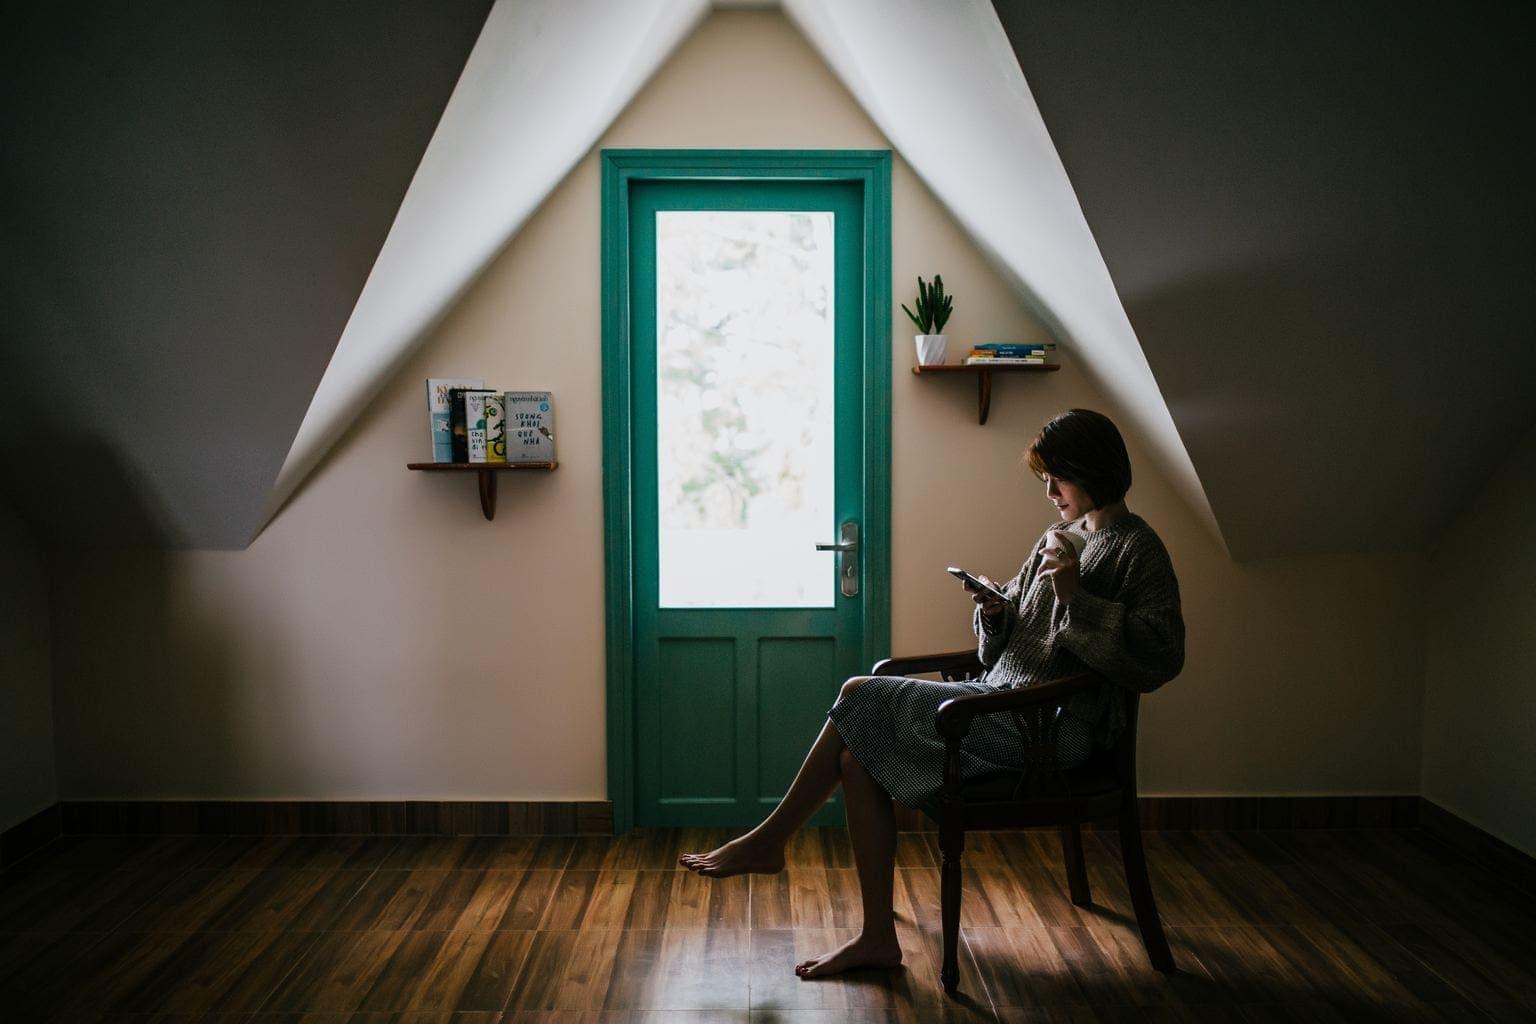 fotografía de una mujer con su móvil